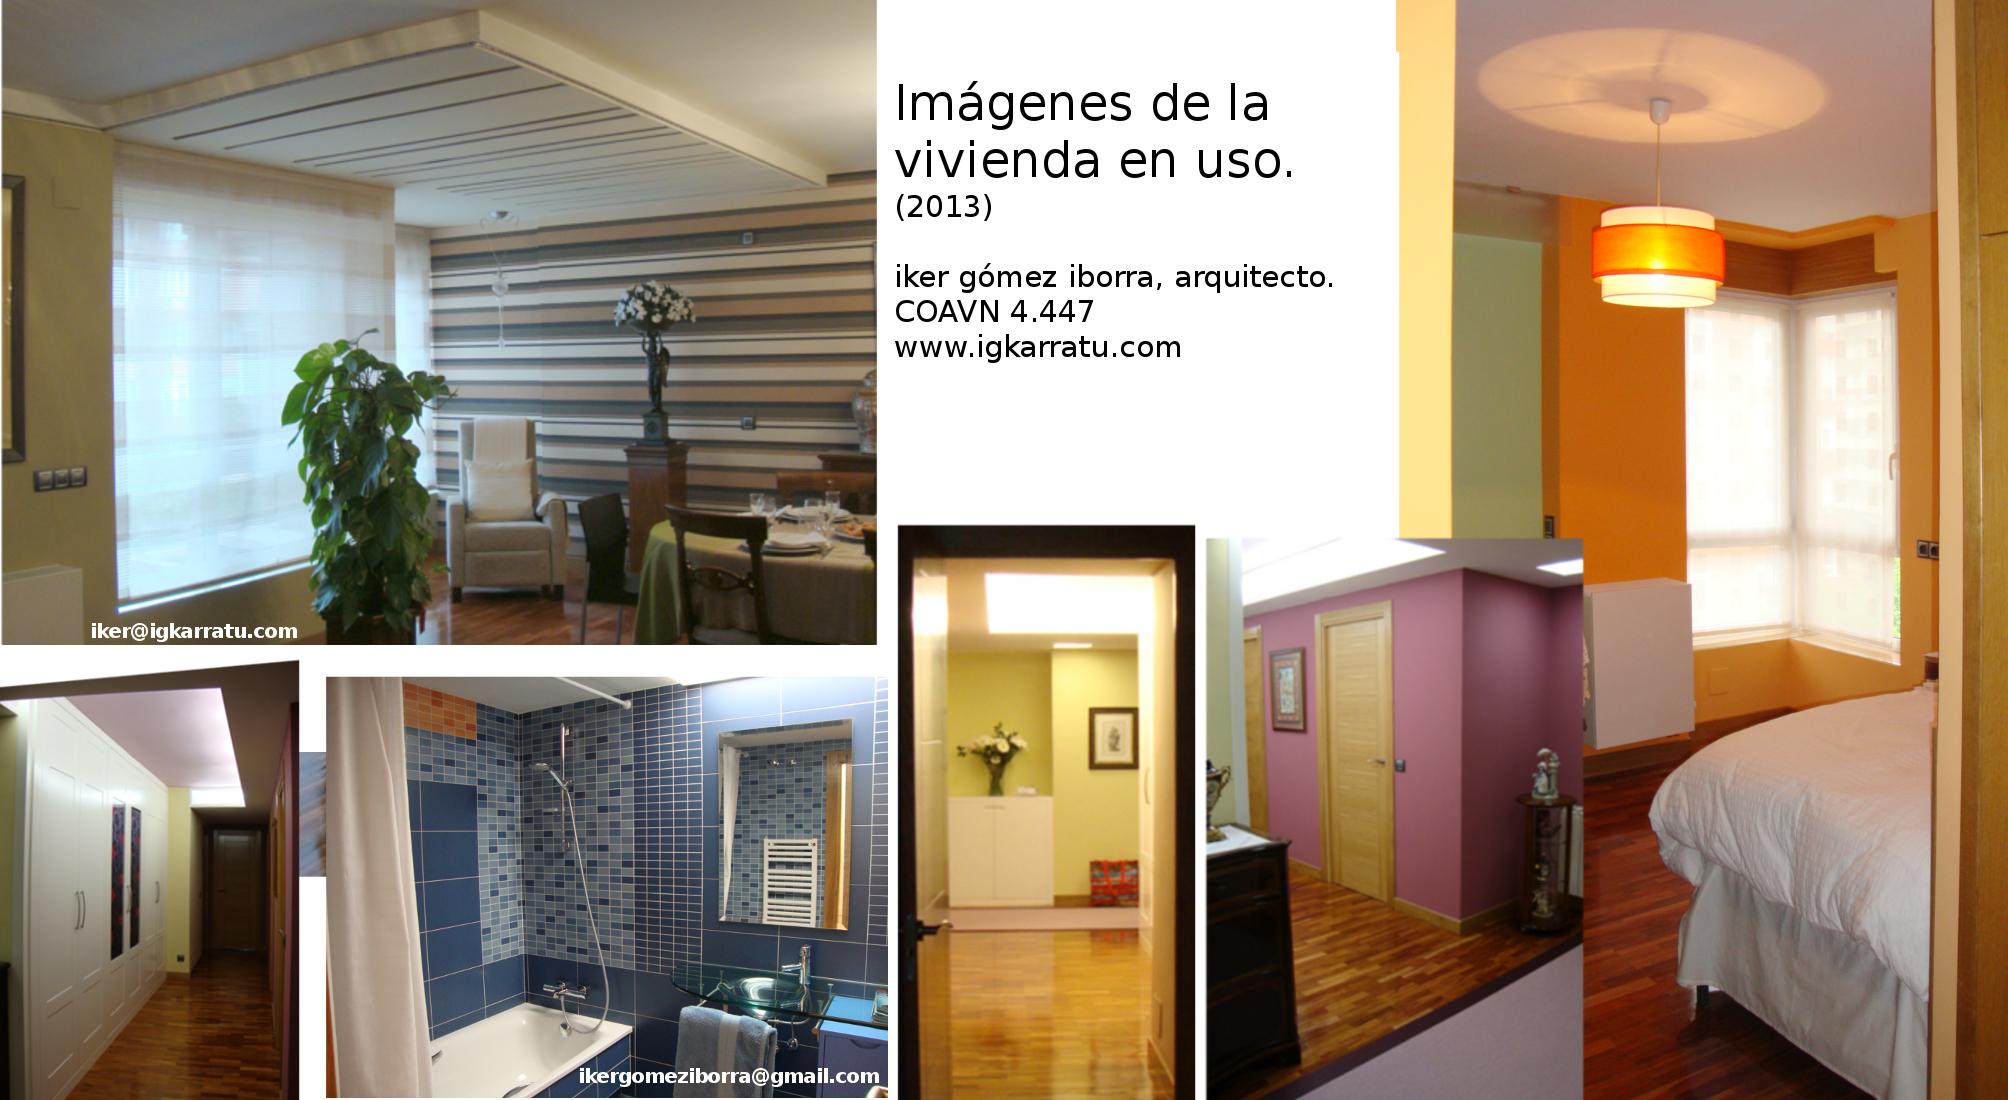 Reforma de vivienda en Vitoria-Gasteiz, imágenes